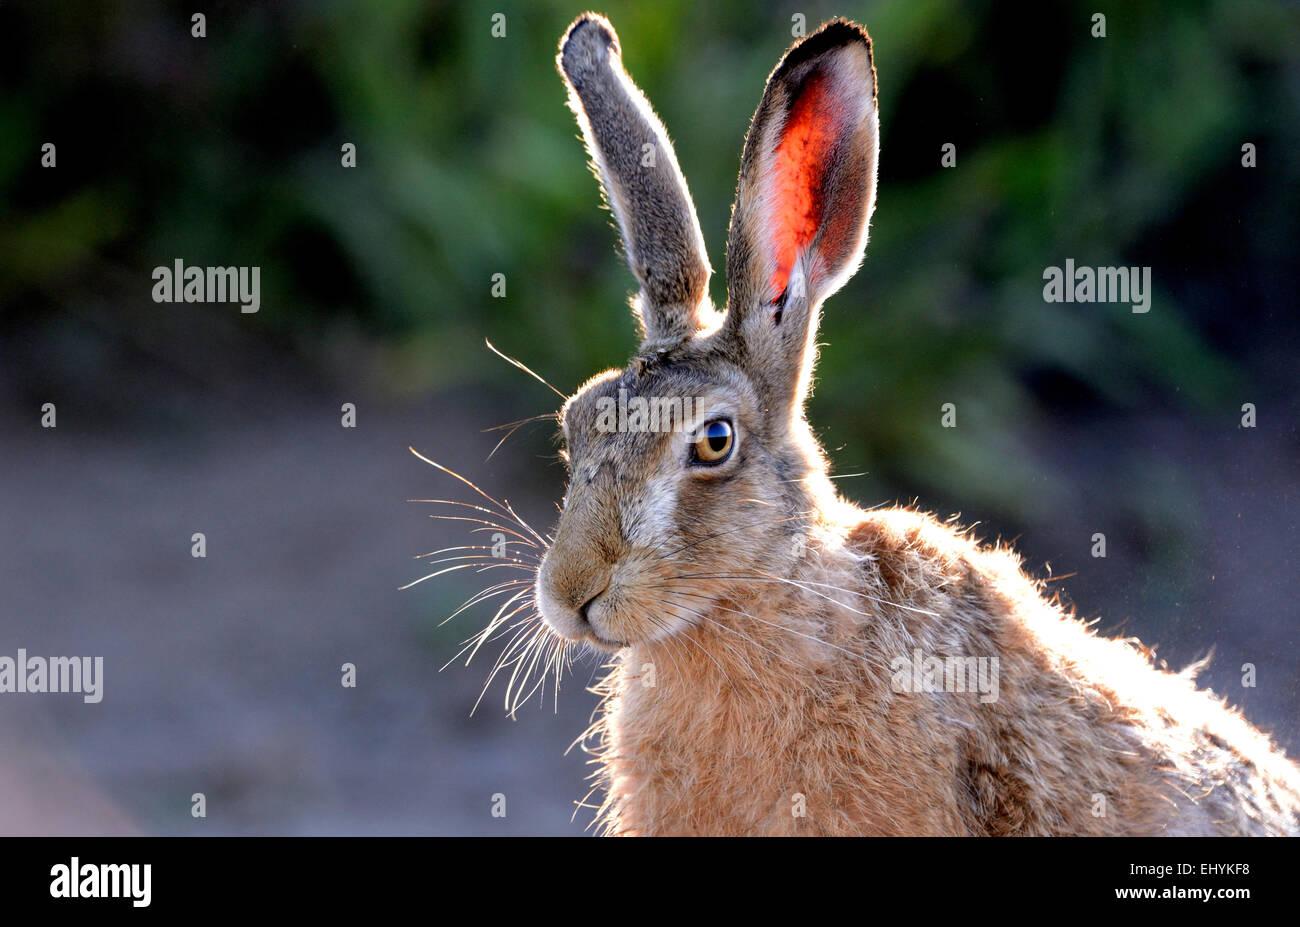 Lepre, coniglio, Lepus europaeus Pallas, marrone lepre, Eoropean lepre, animali, animale selvatico, gioco, gioco Immagini Stock